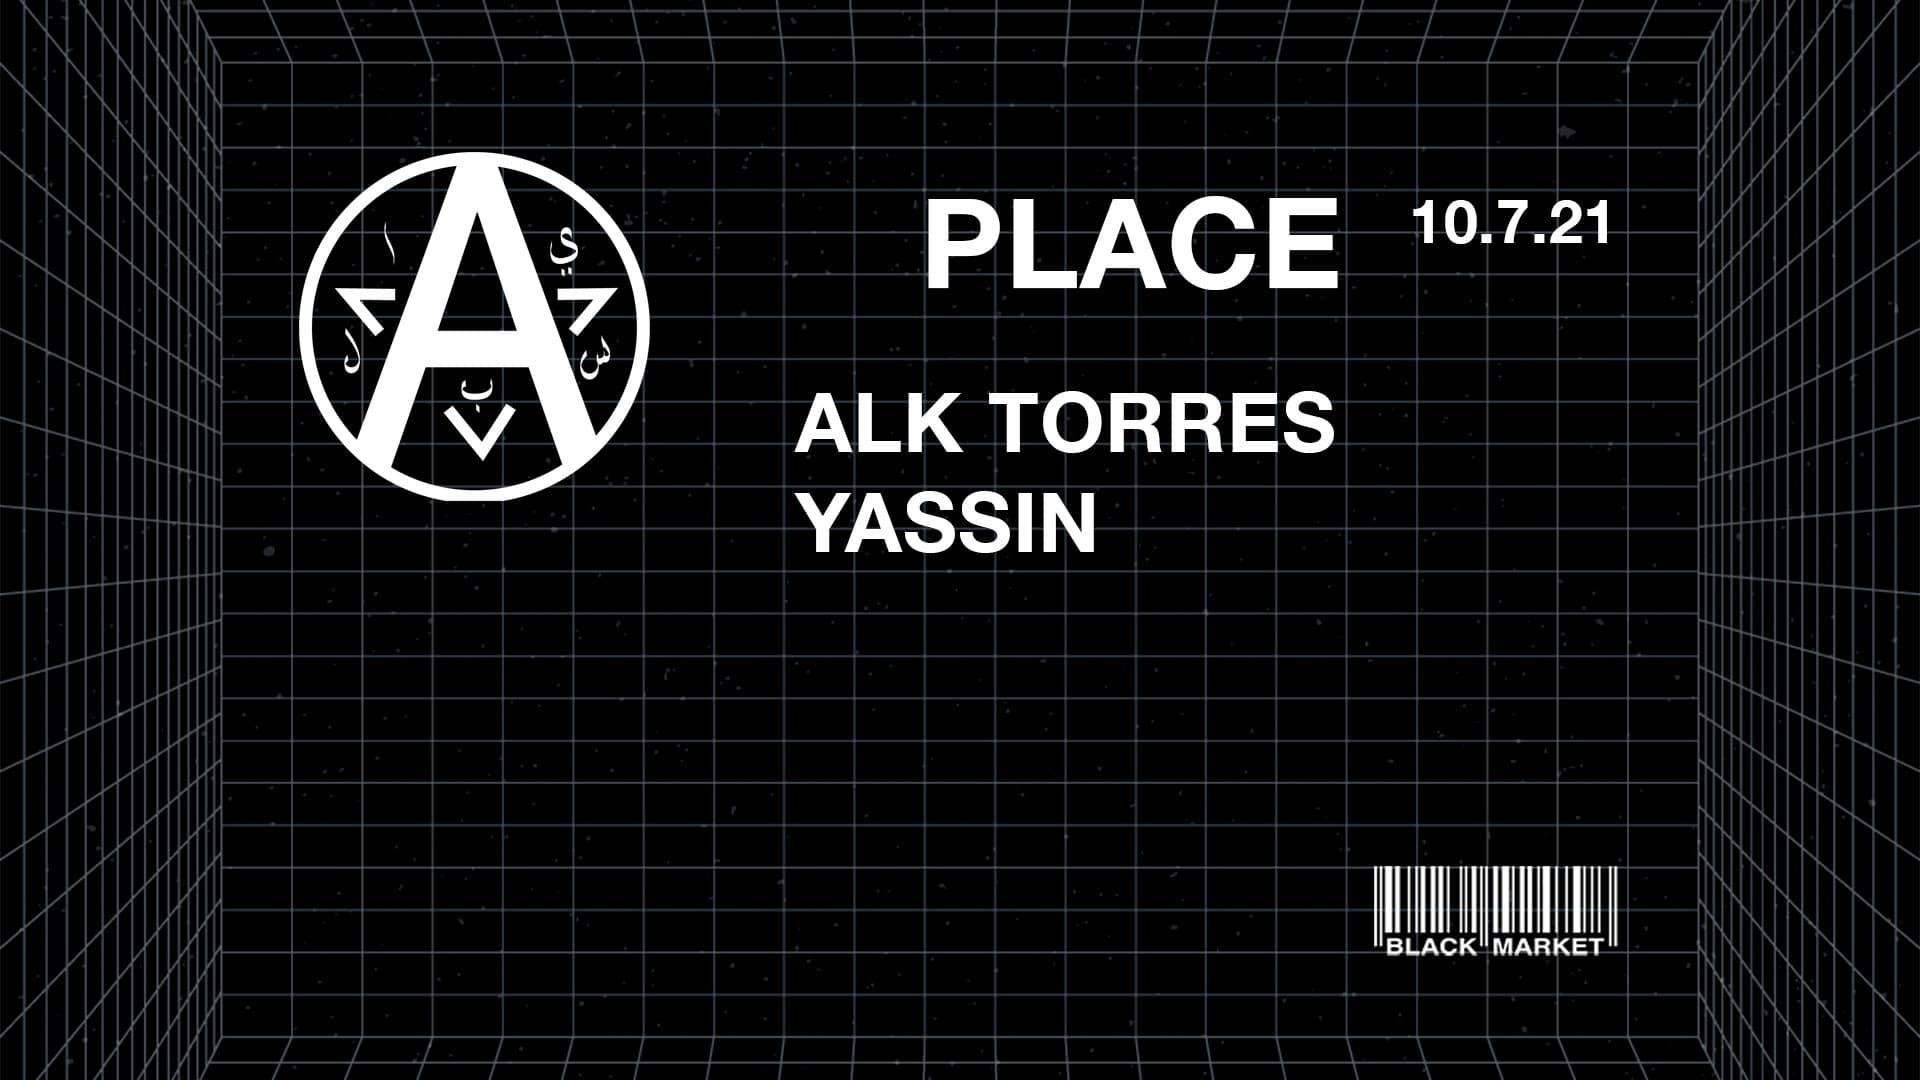 Events Wien: Black Market invites PLACE